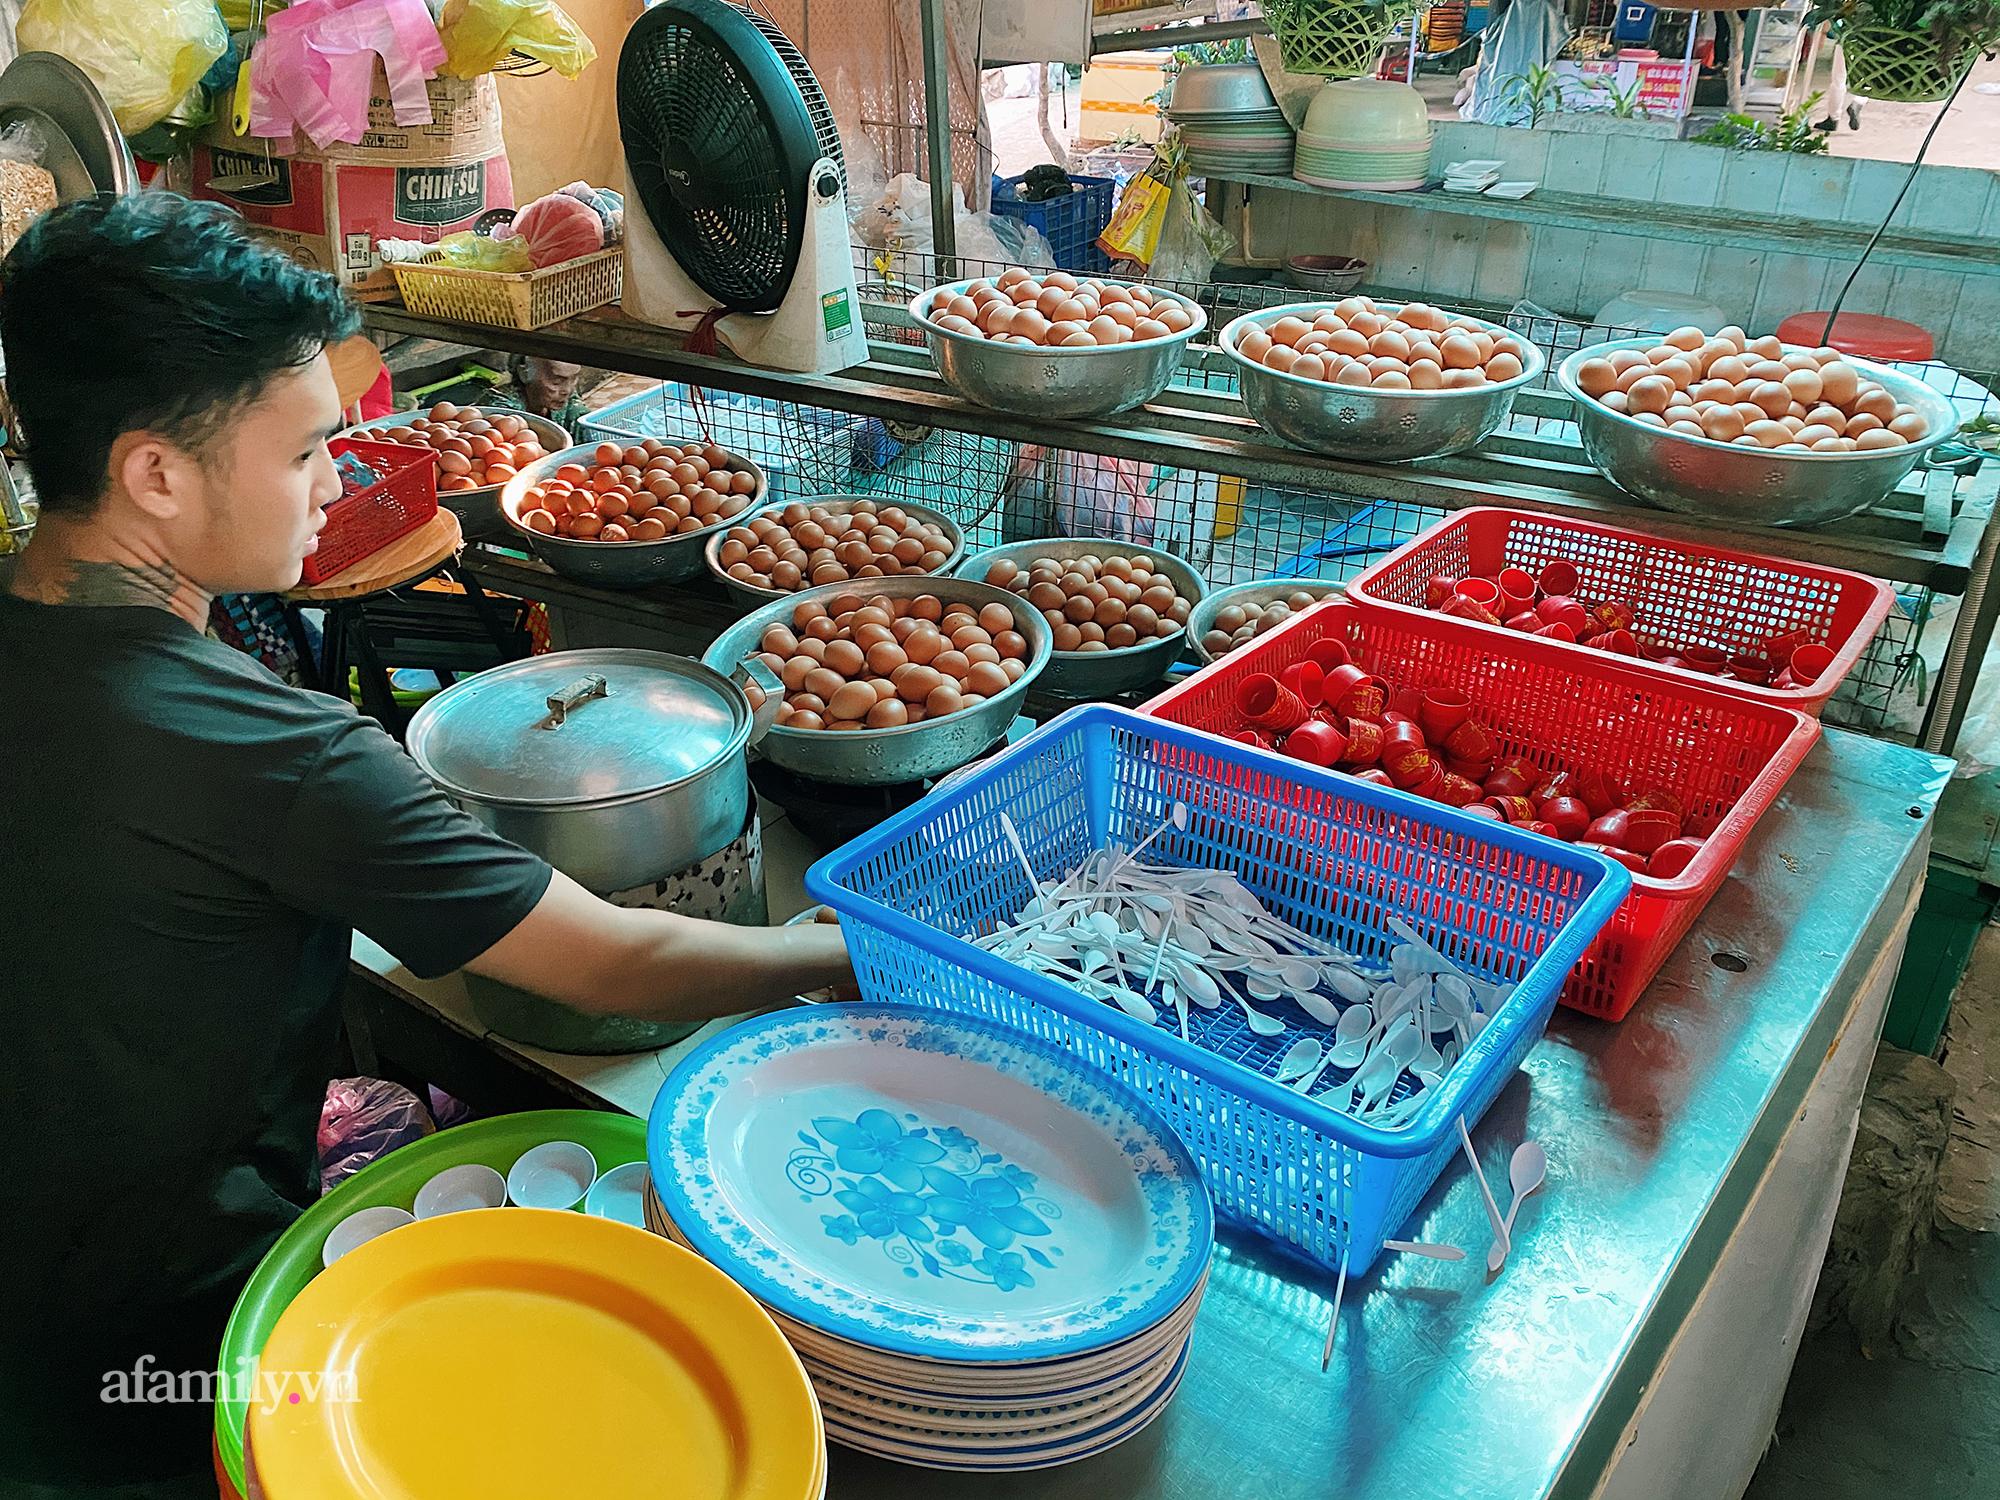 """Cô Tiên - """"giai thoại"""" chưa ai phá vỡ trong món trứng gà luộc tại Vũng Tàu, từ một quán nhỏ ven đường sau gần 10 năm đã đông đến mức phải mời khách tự phục vụ! - Ảnh 8."""